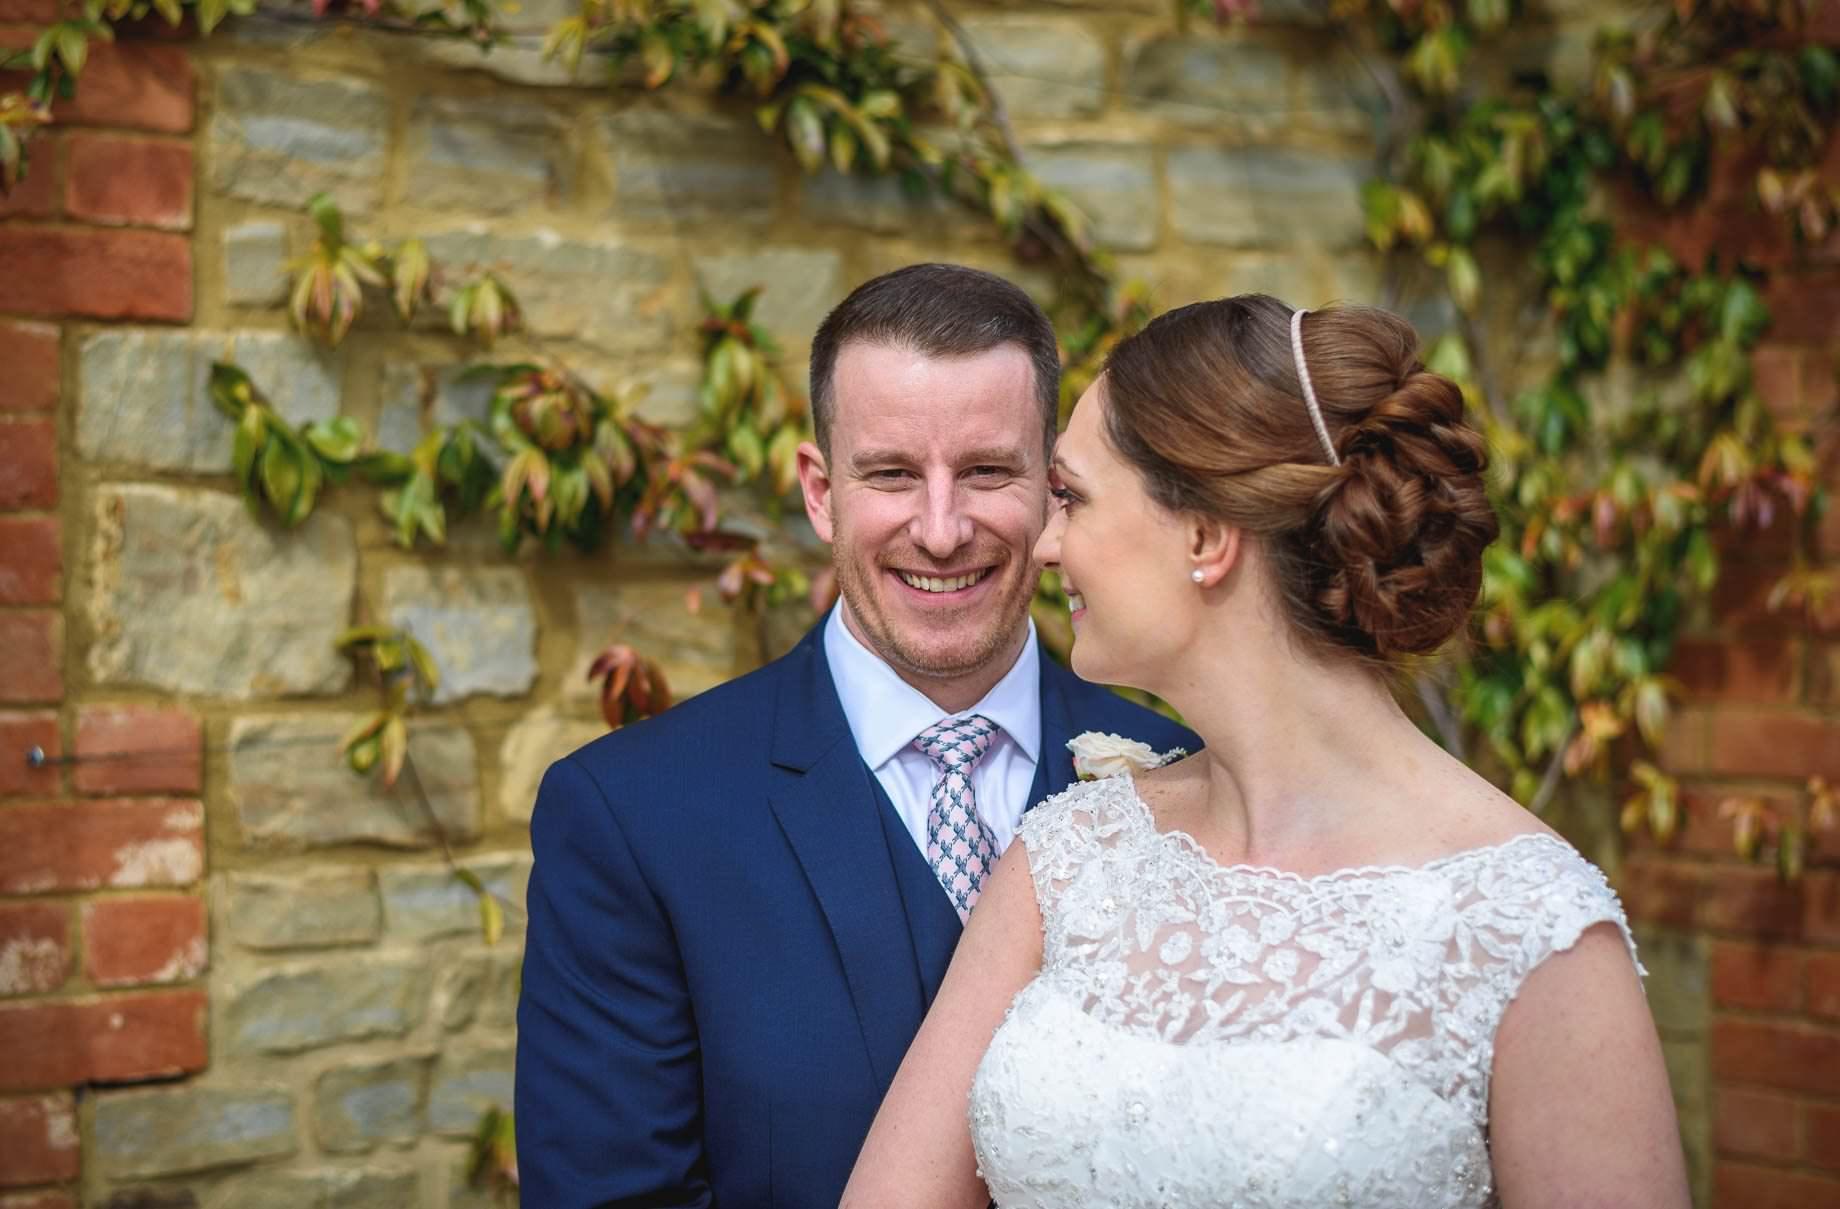 Millbridge Court Wedding Photography - Lisa and Daniel (91 of 173)